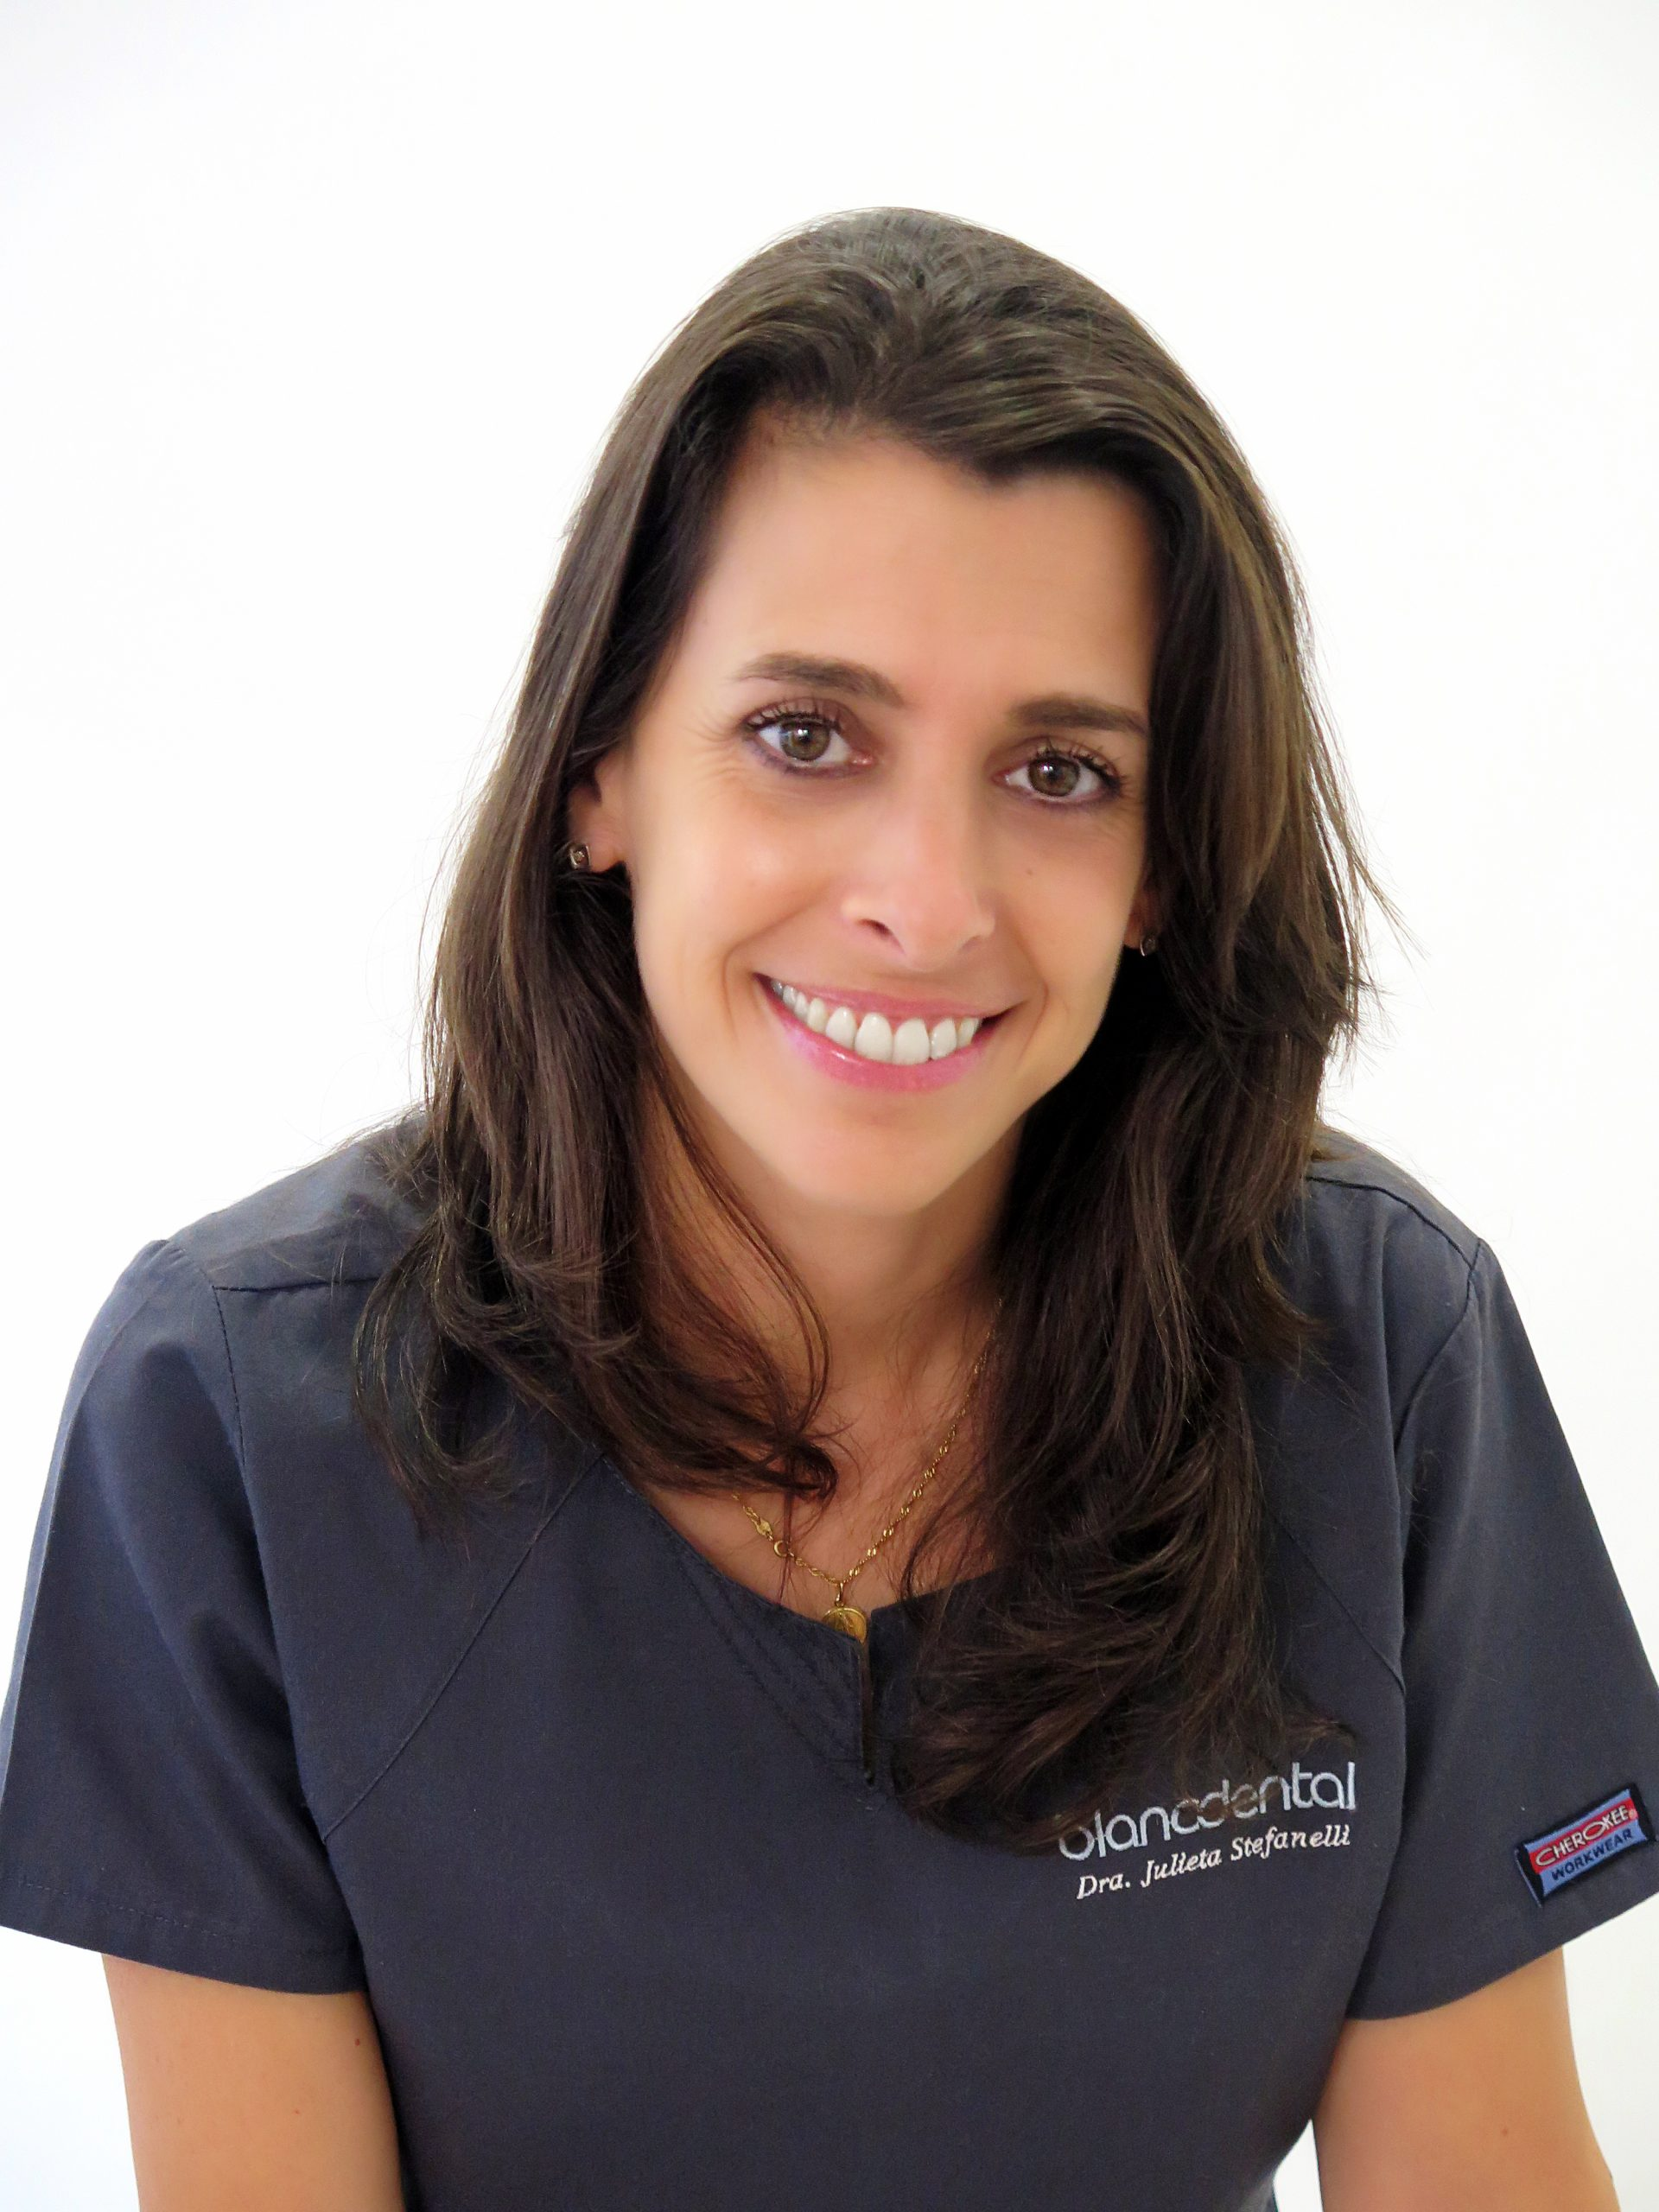 Dra. Julieta Stefanelli